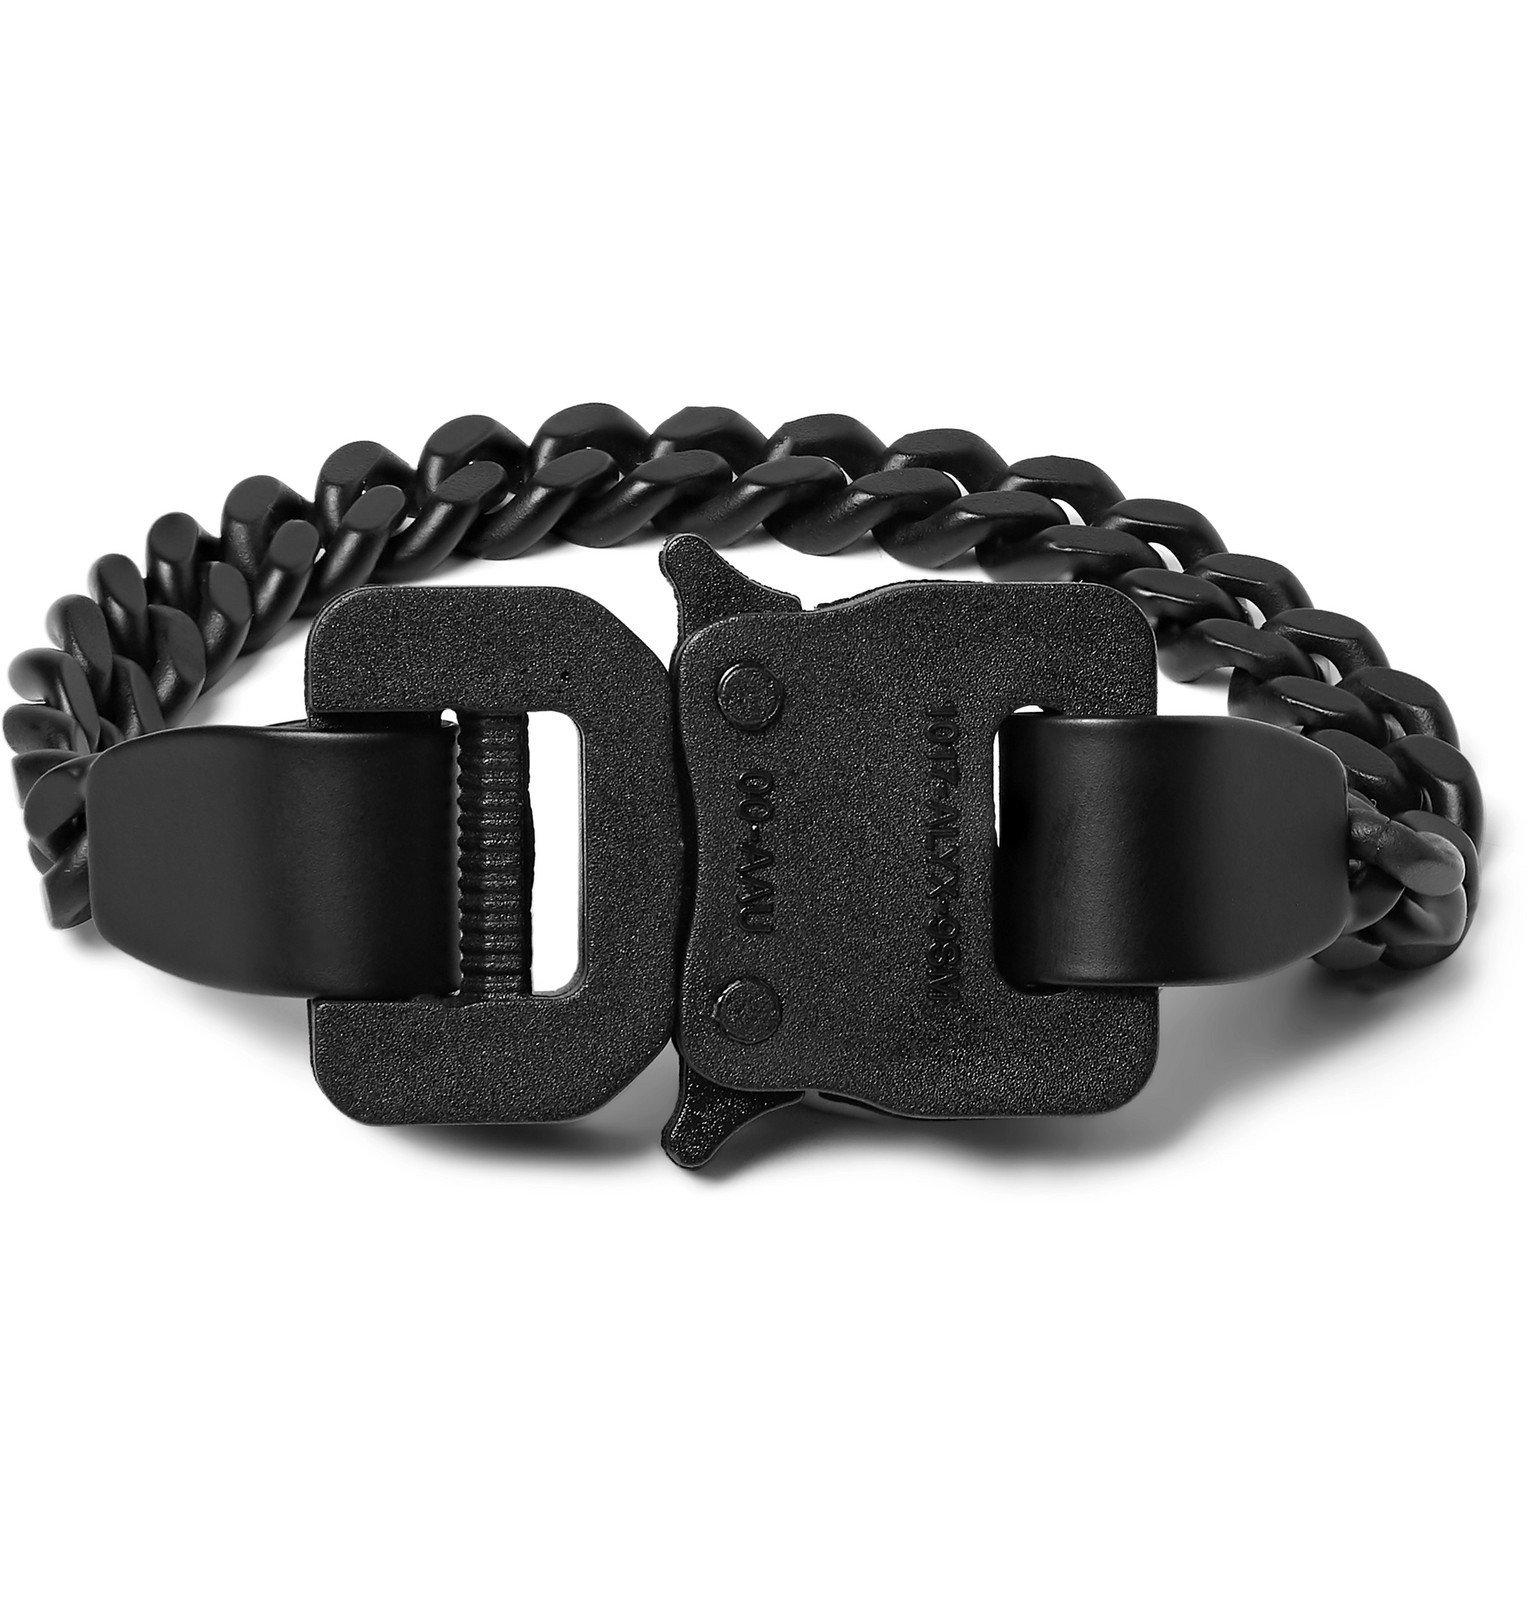 Photo: 1017 ALYX 9SM - Matte-Metal Bracelet - Black